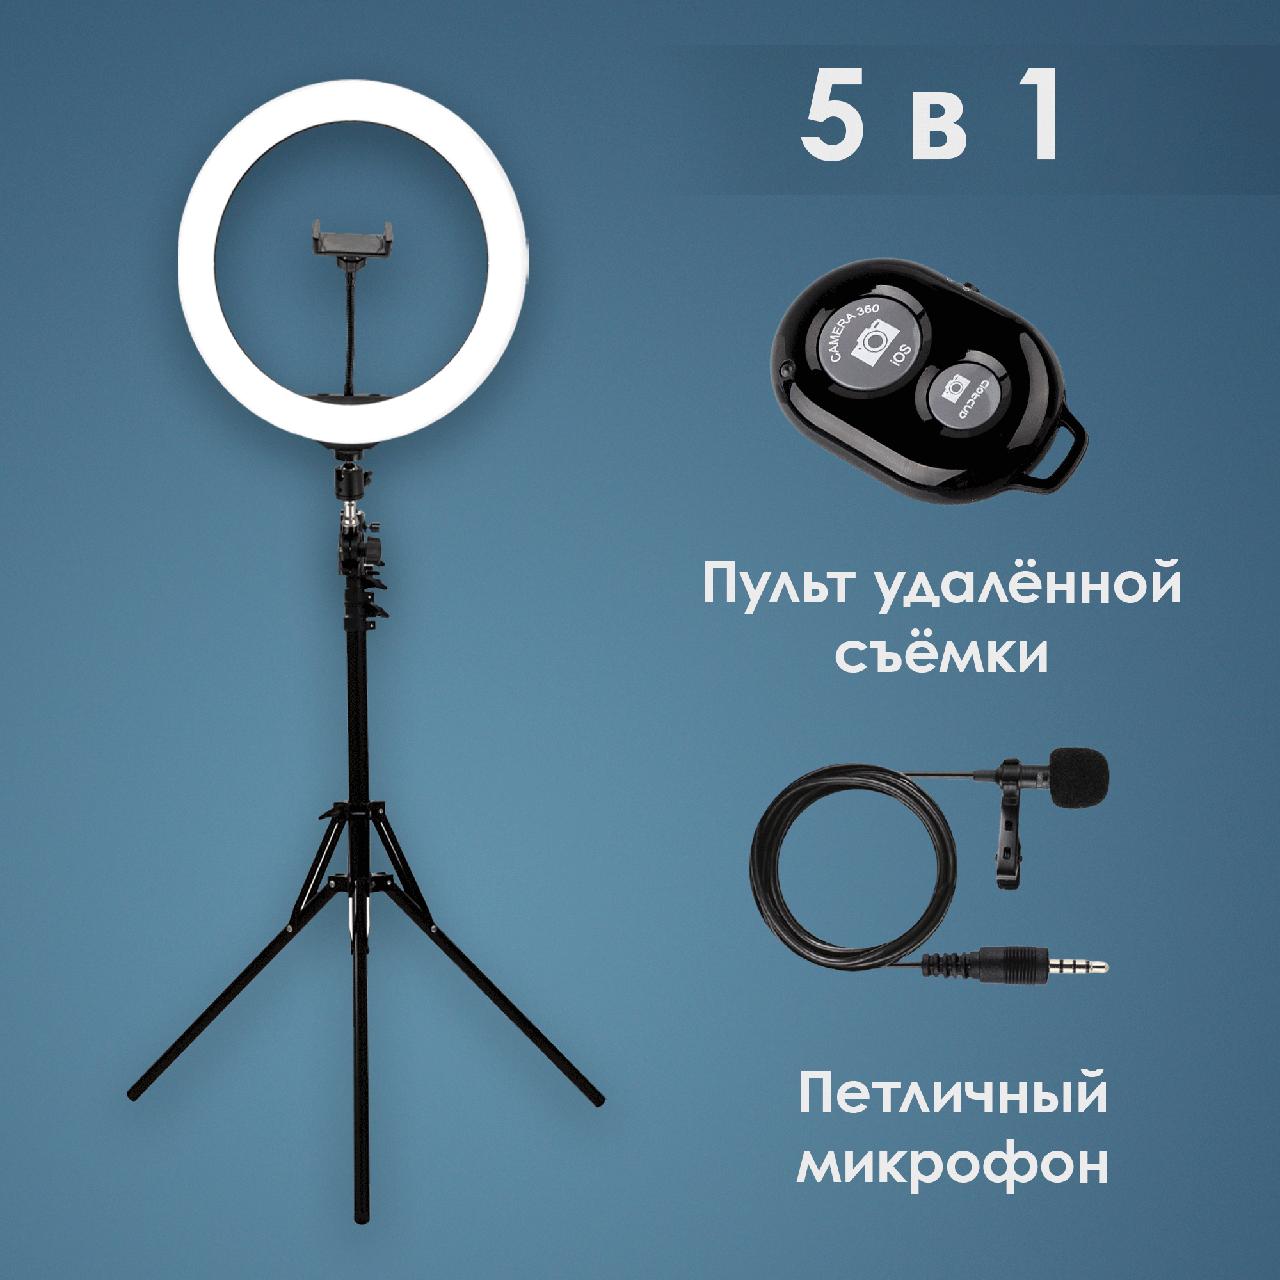 Набір для блогера 5 в 1 кільцева лампа 33 см зі штативом на 1м селфи кільце кільцевої світло